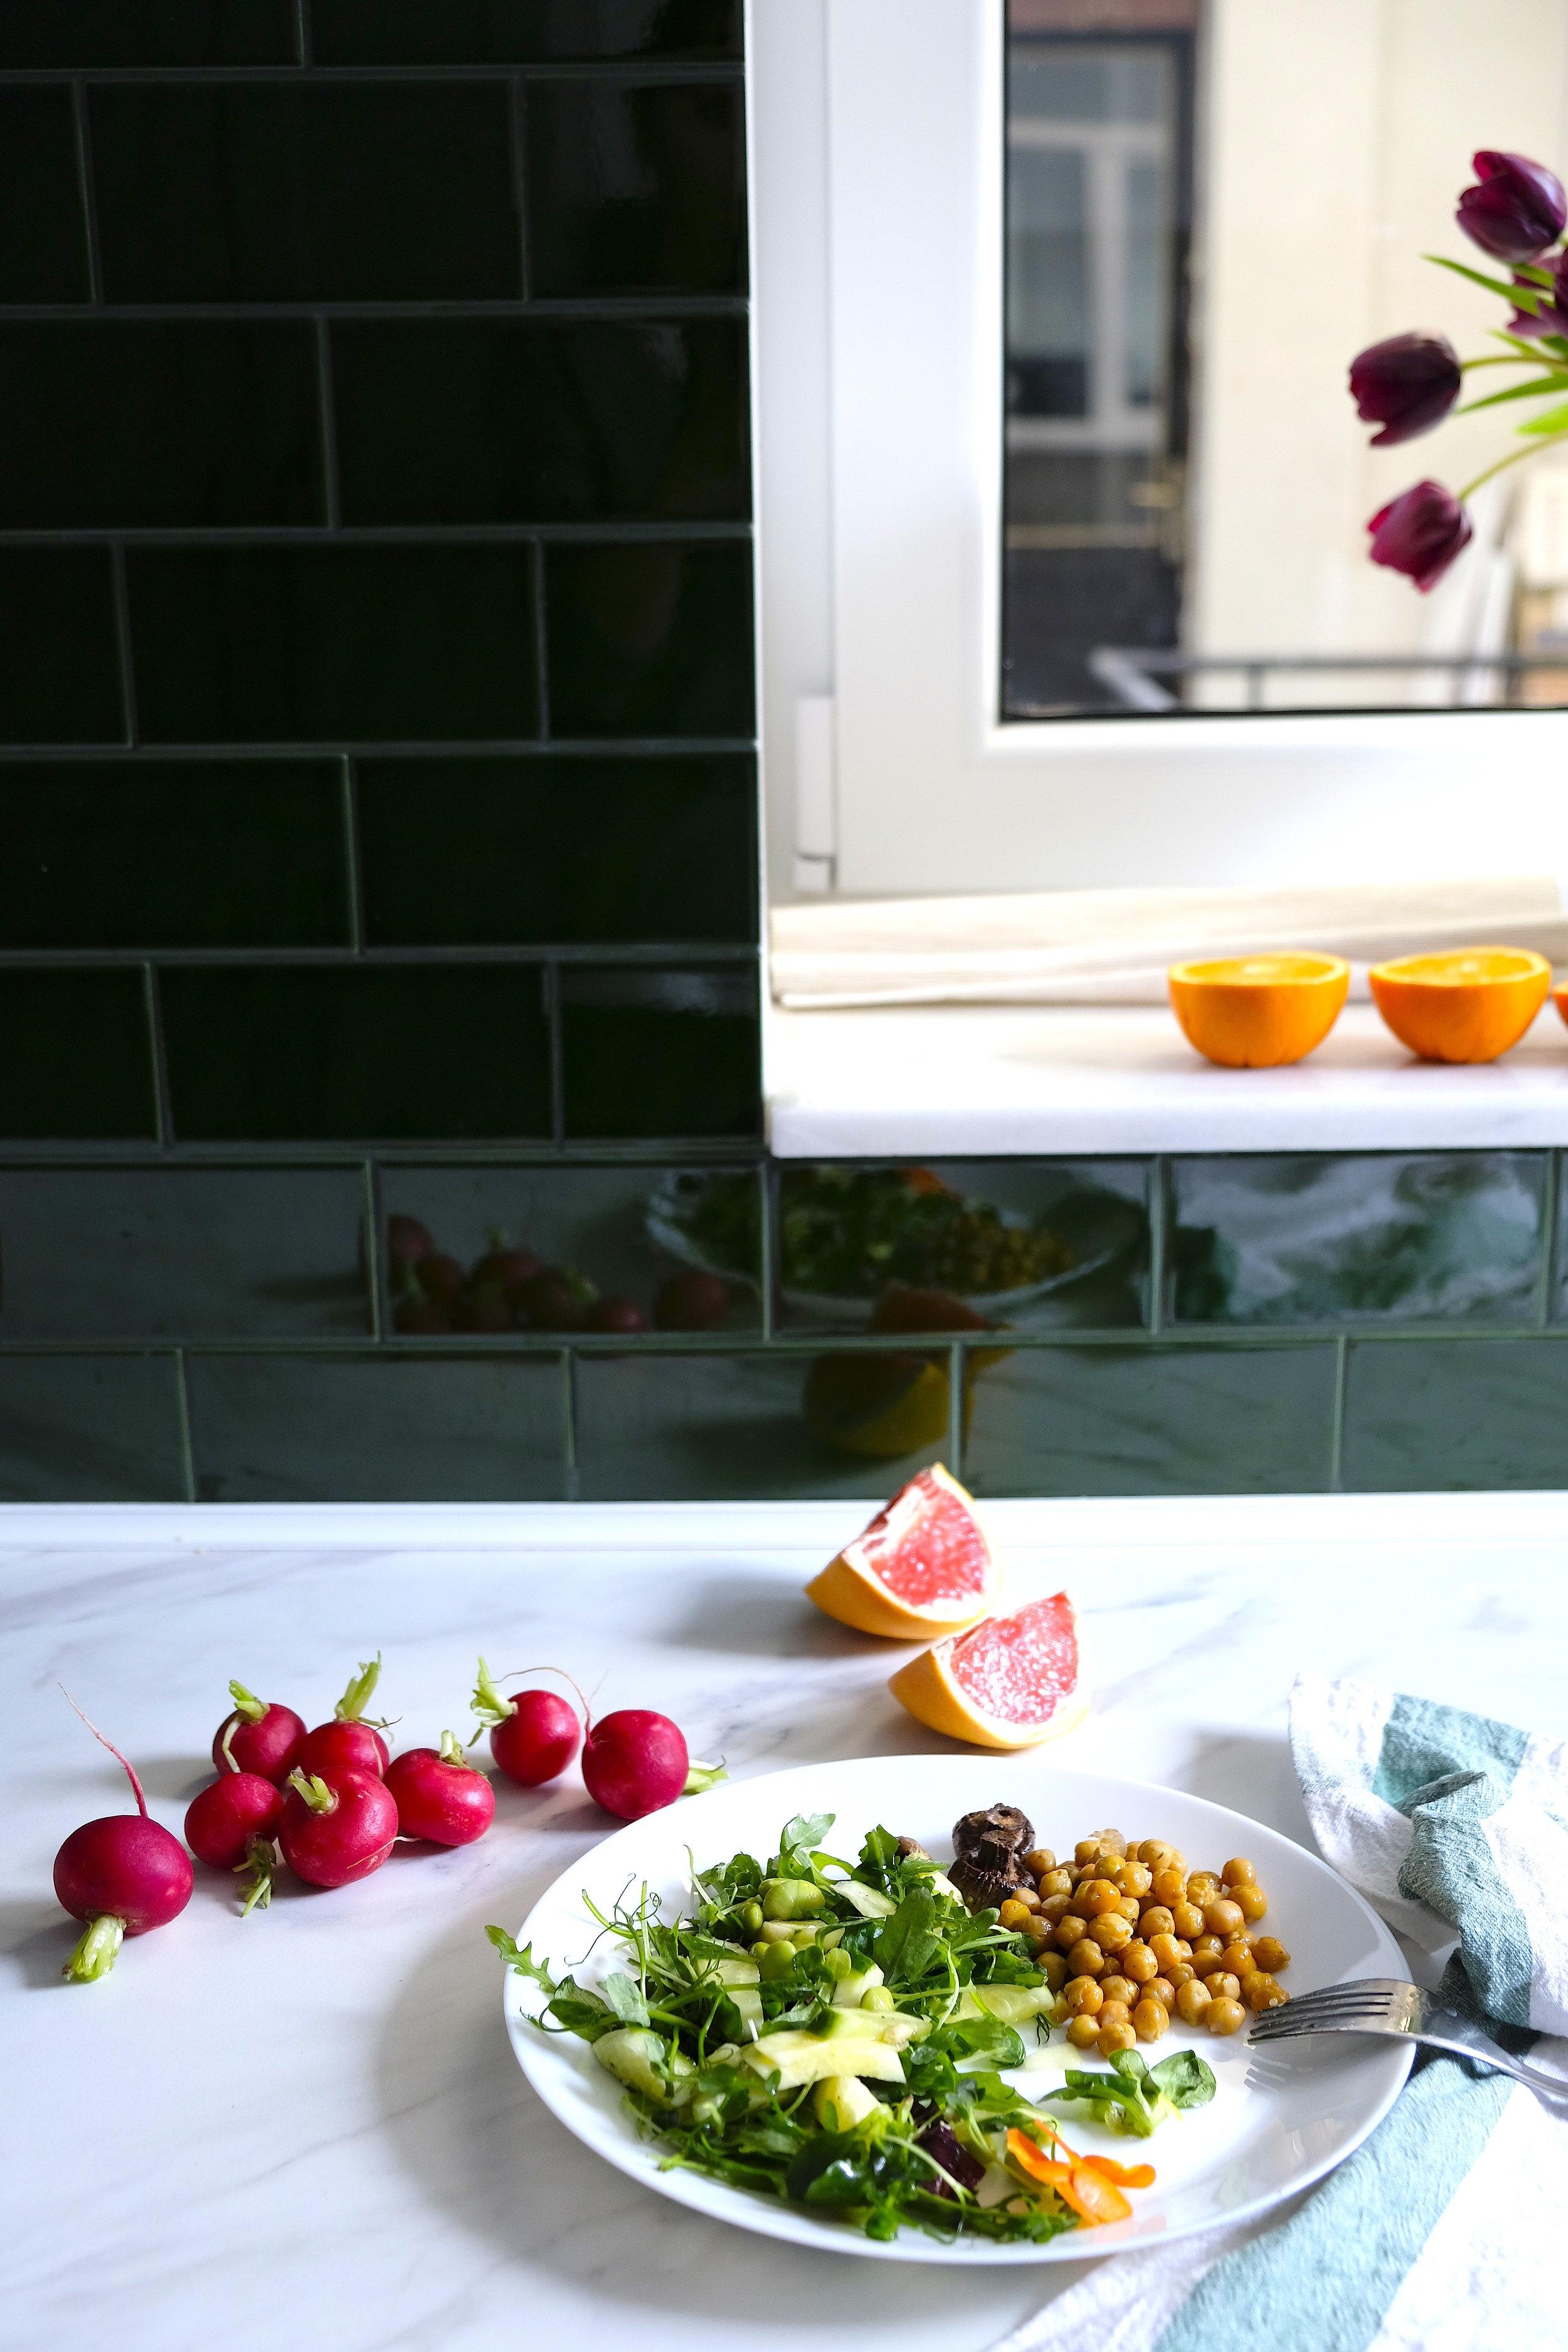 Prânz sănotos_idei pentru birou_salată organică și năut la cuptor_The Nature Project.jpg